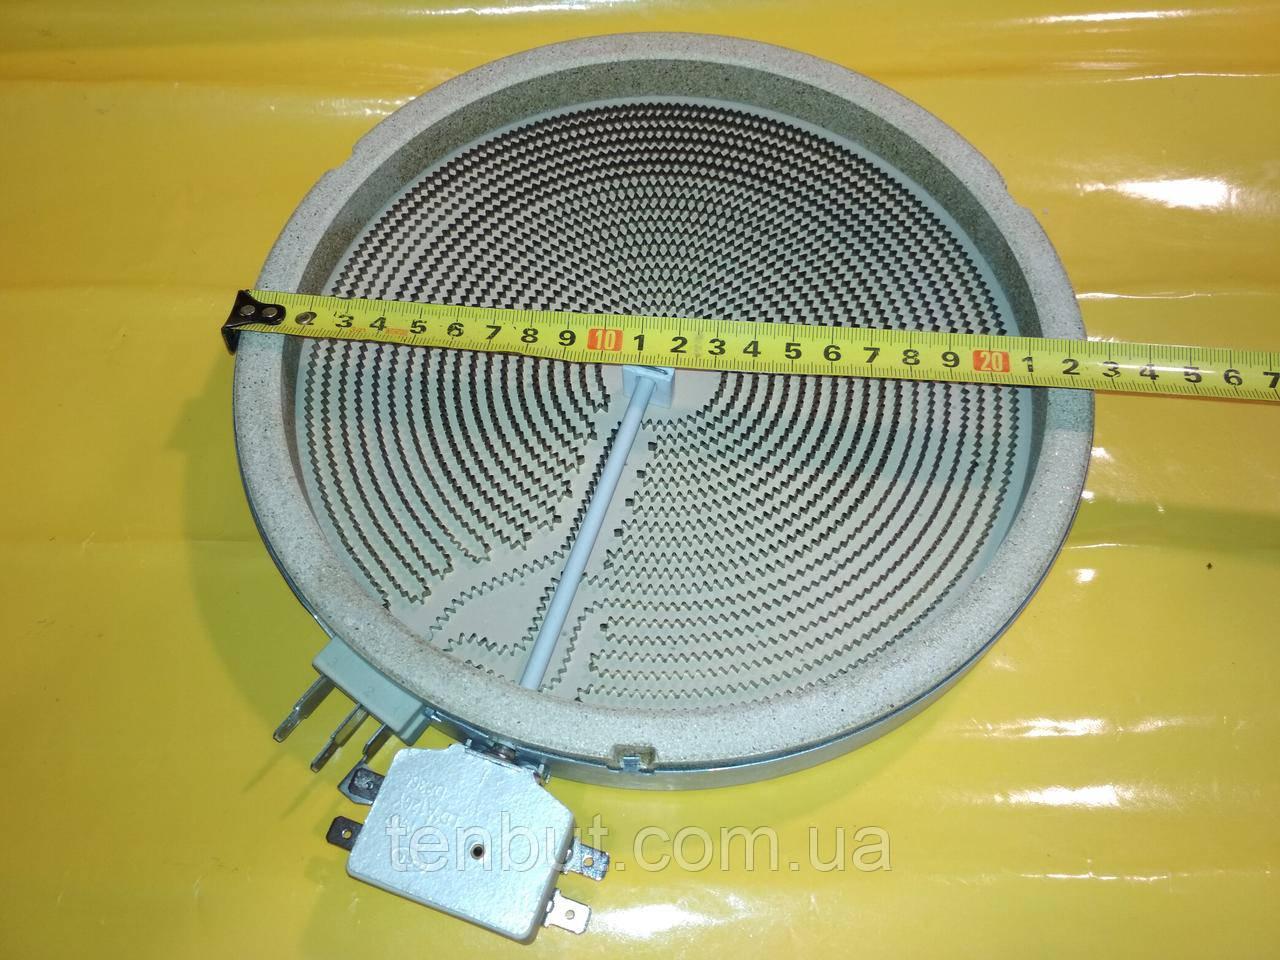 Тэн для стеклокерамических эл.плит 1000+1200 Вт./230В./Ø-230 мм.на 5 вывода с разширением HEATWELL Kawai